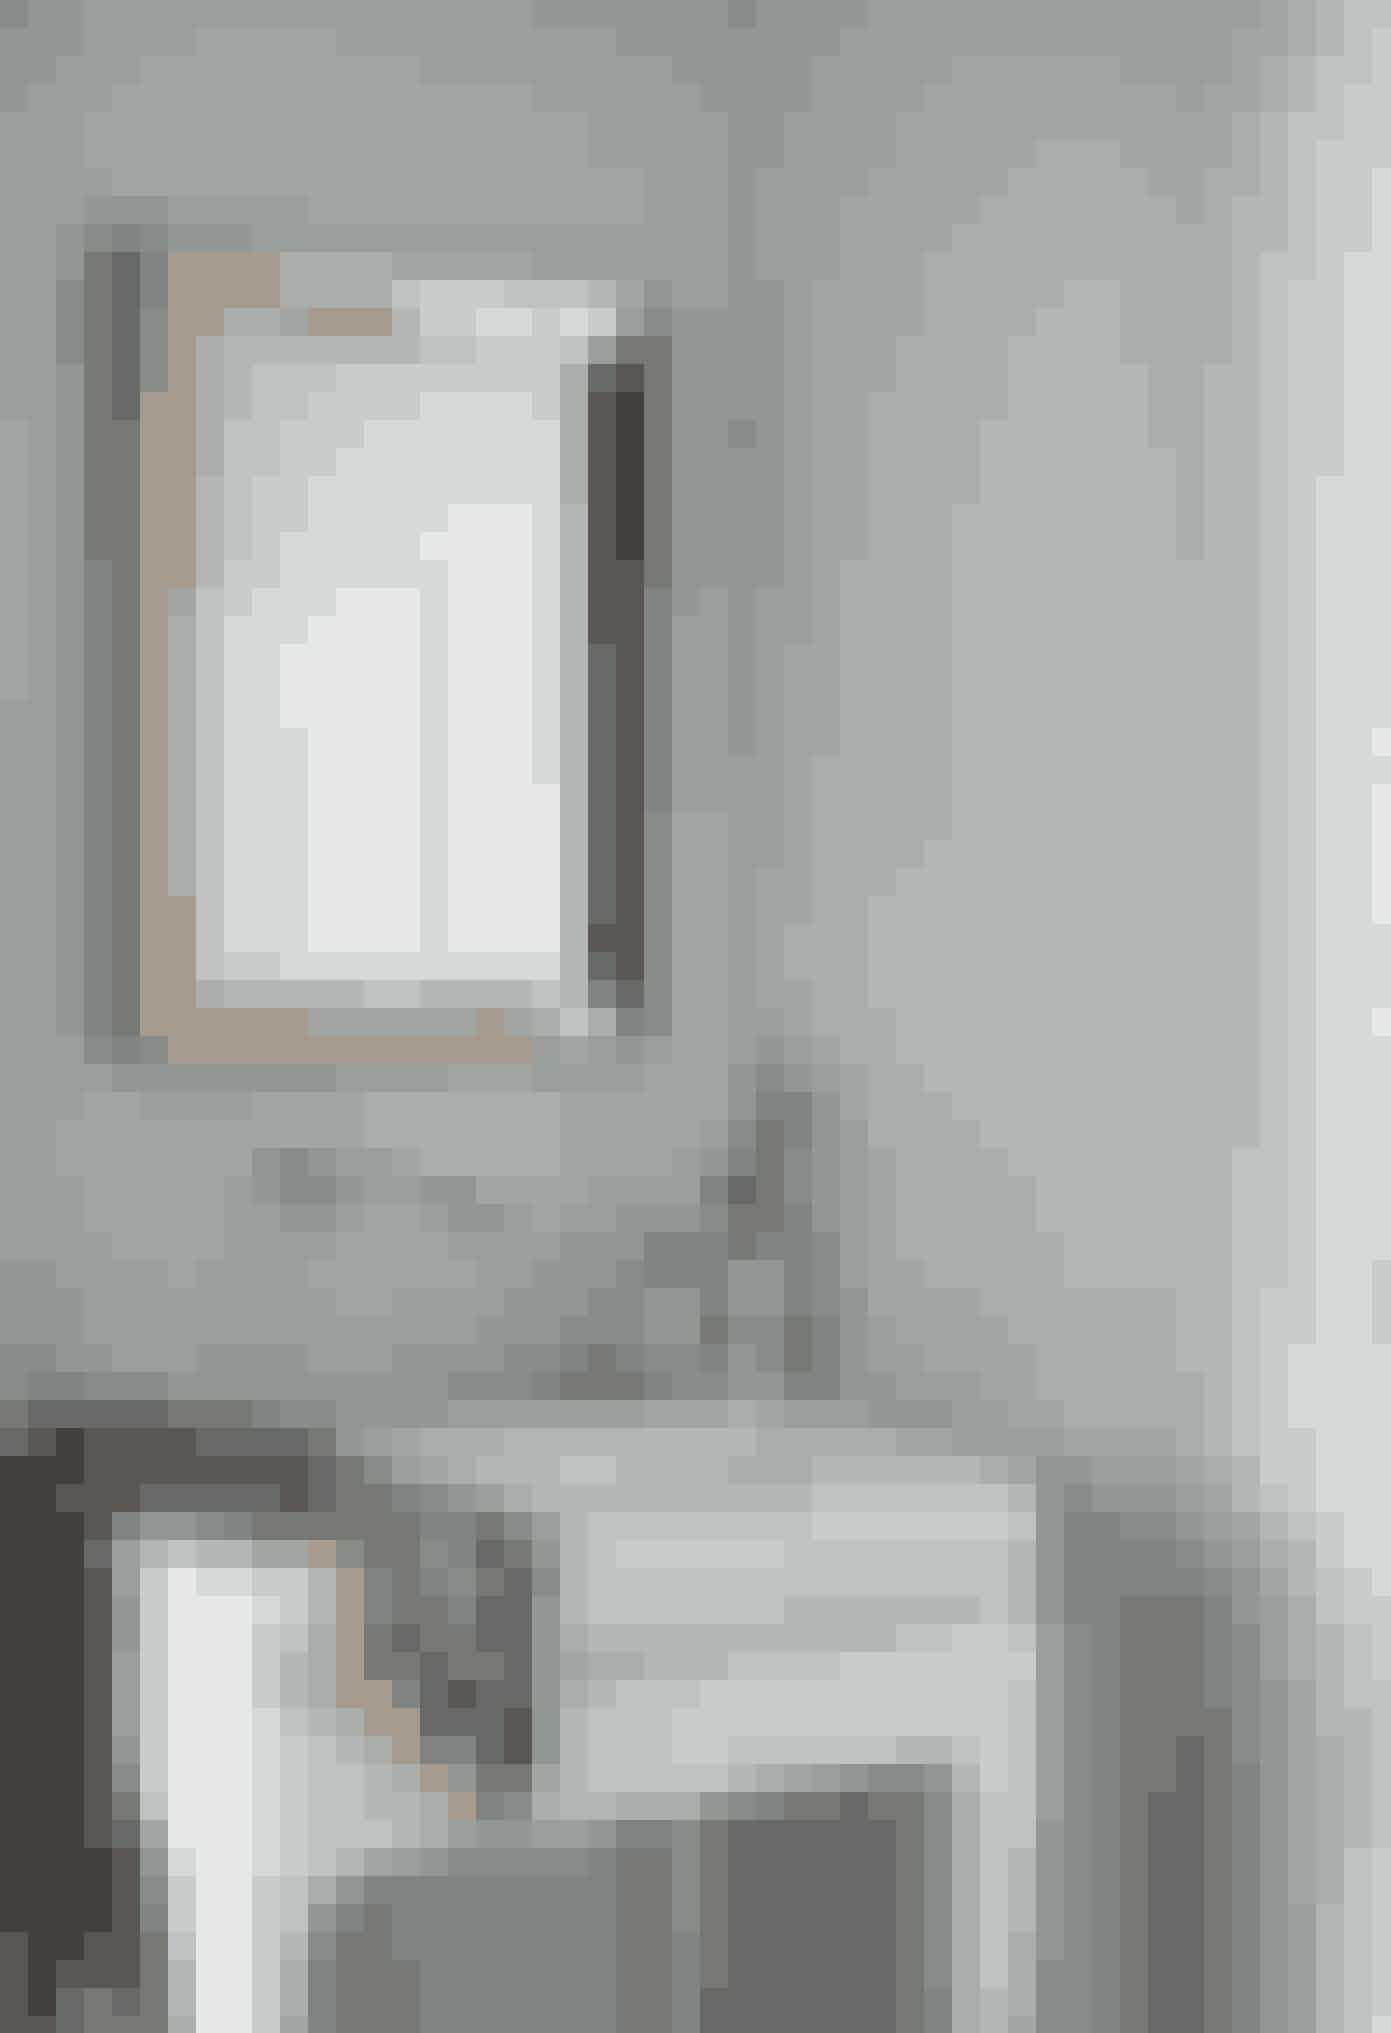 Badeværelset er lejlighedens mindste rum, og for at forenkle udtrykket er der brugt ens mosaikfliser på både gulv, vægge og loft. Vasken, der er integreret i et bord, er designet af Jaime Hayon for Architect. Spejlet er fundet på et loppemarked i Paris, og den japanske silkekimono er et vintagefund fra 1950'erne.